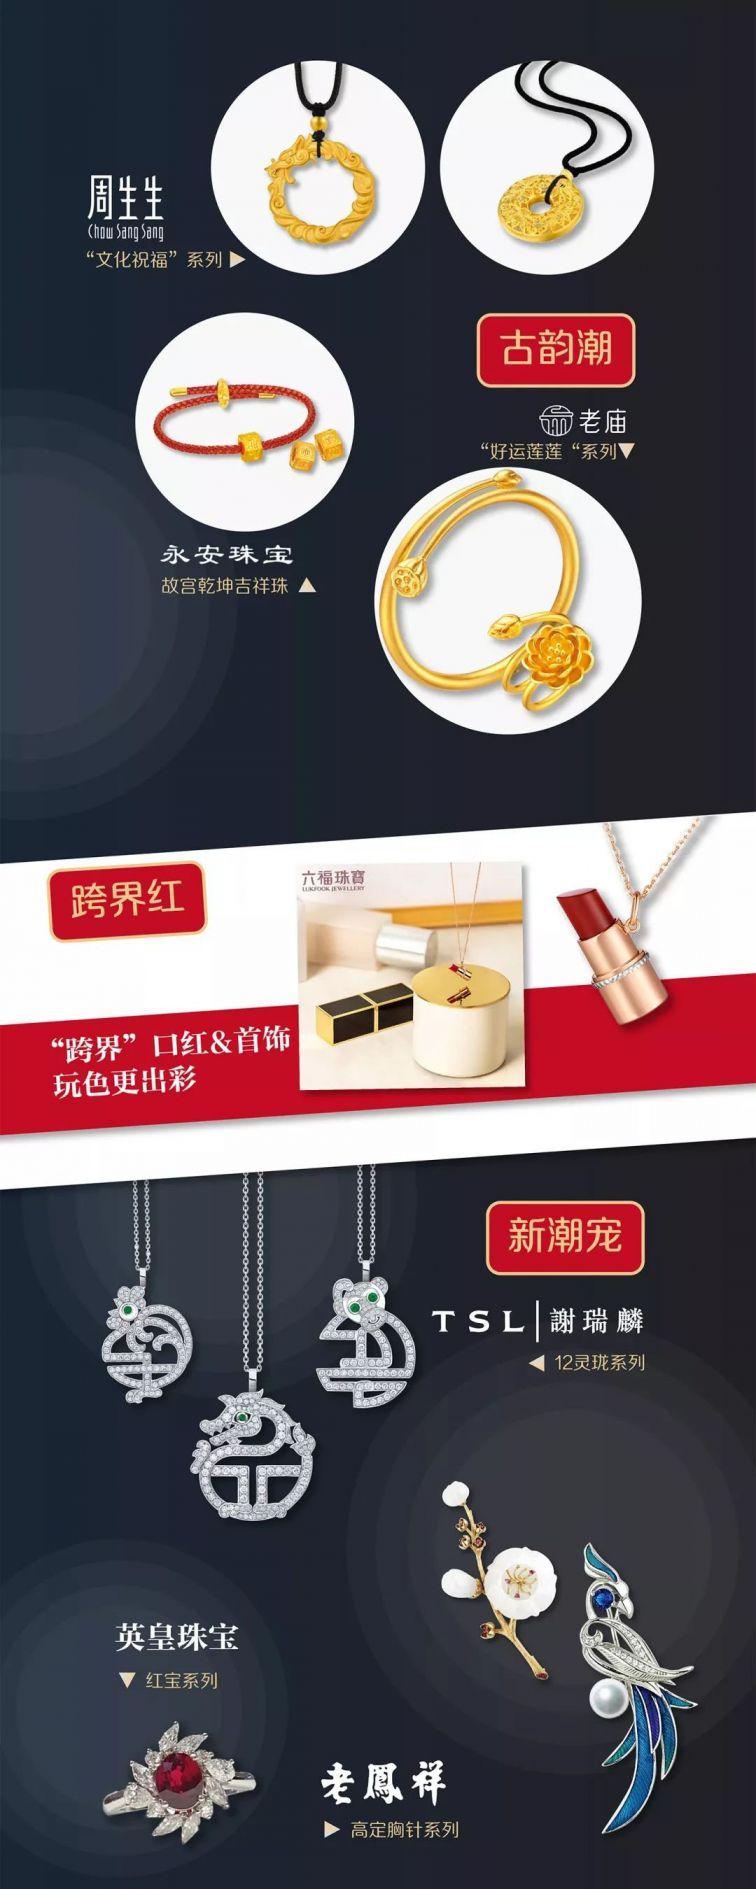 上海第一八佰伴2019珠宝节各大品牌折扣